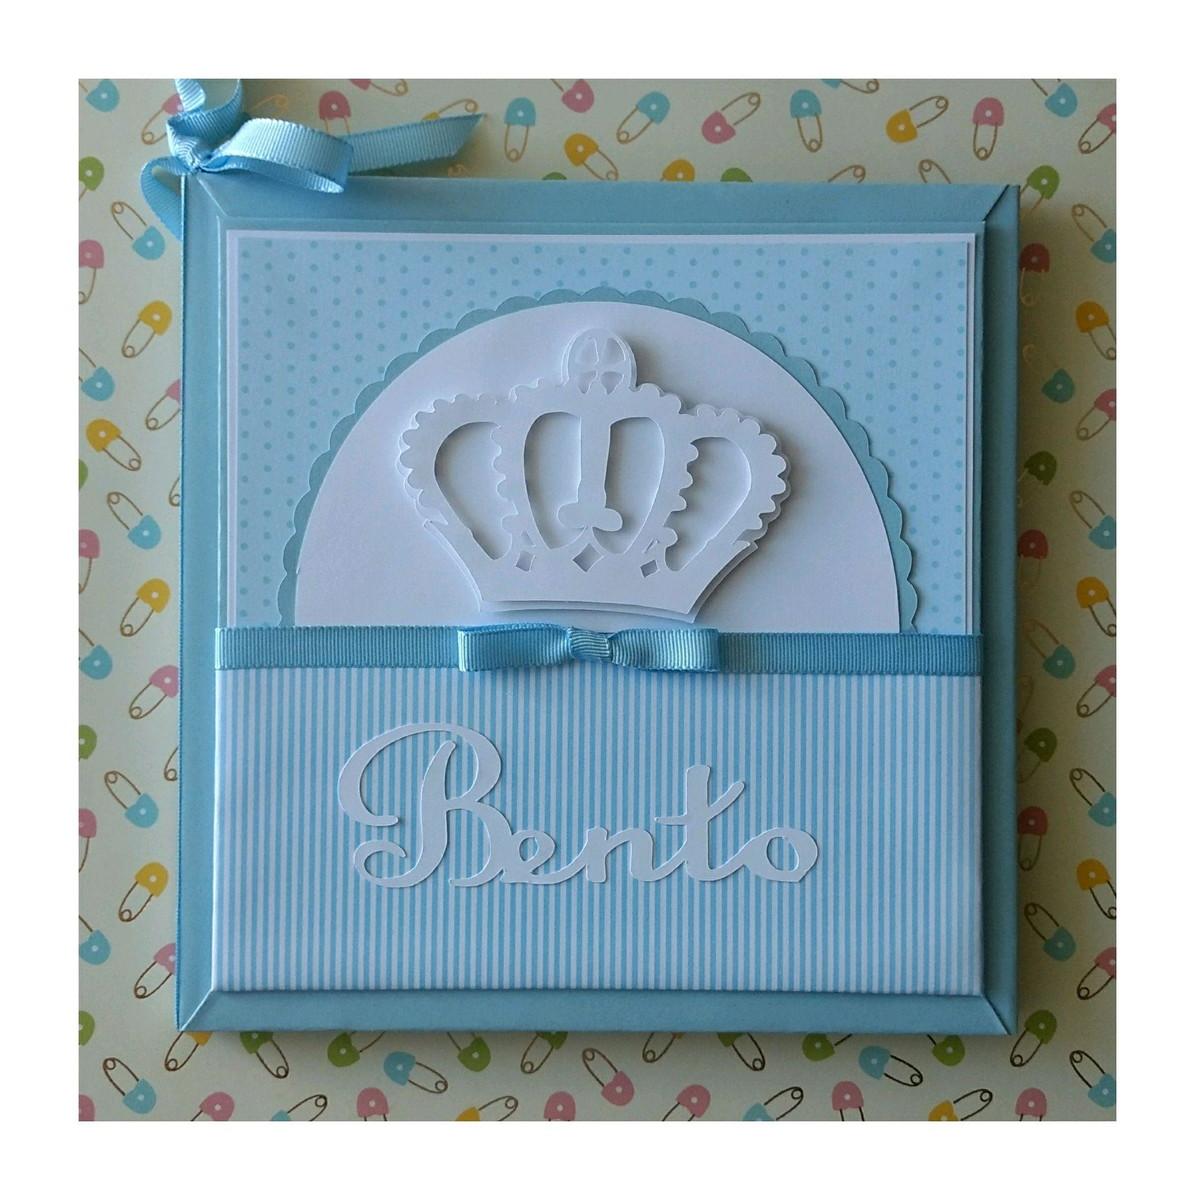 d82183600 Diário Livro Bebê personalizado para menino Príncipe azul no Elo7 ...